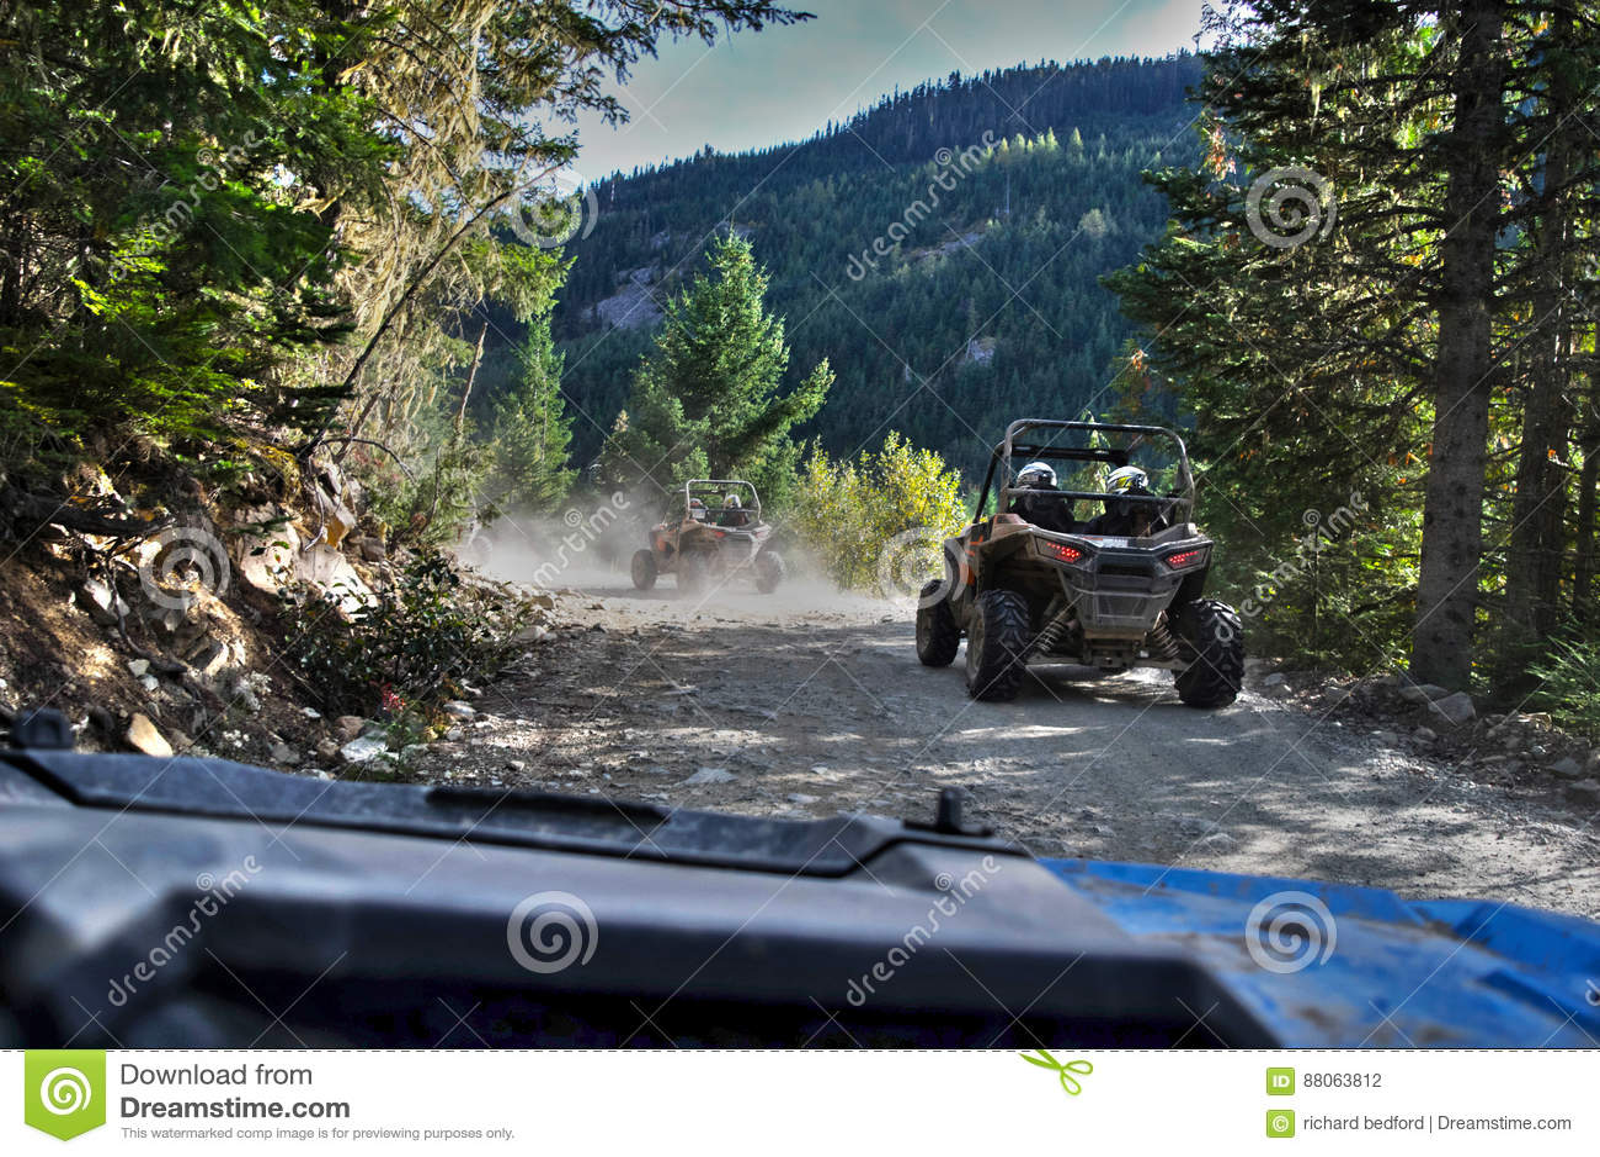 ATV driving in Whistler